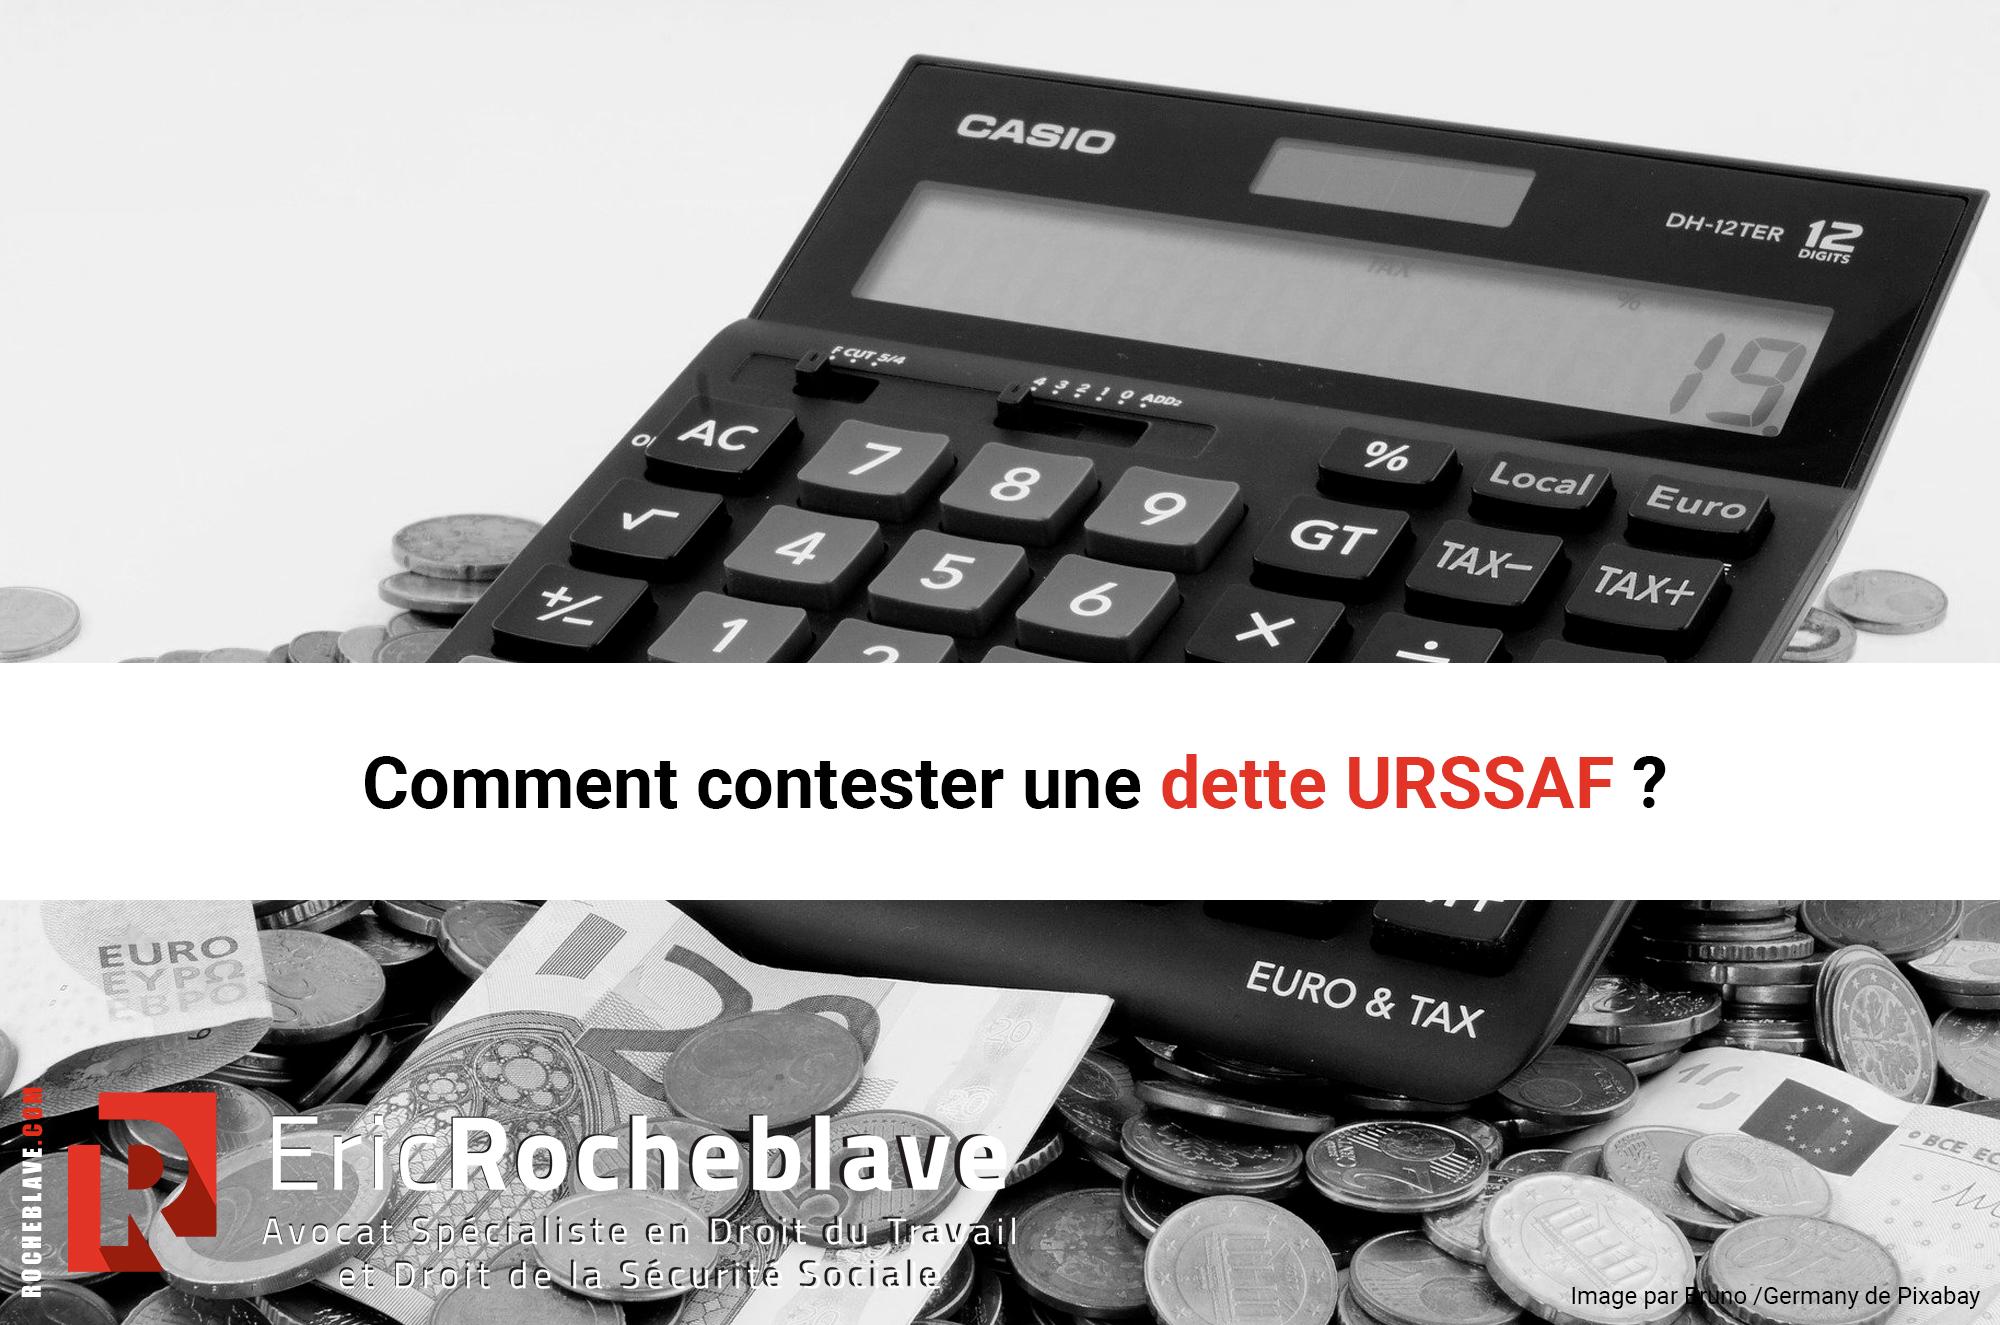 Comment contester une dette URSSAF ?